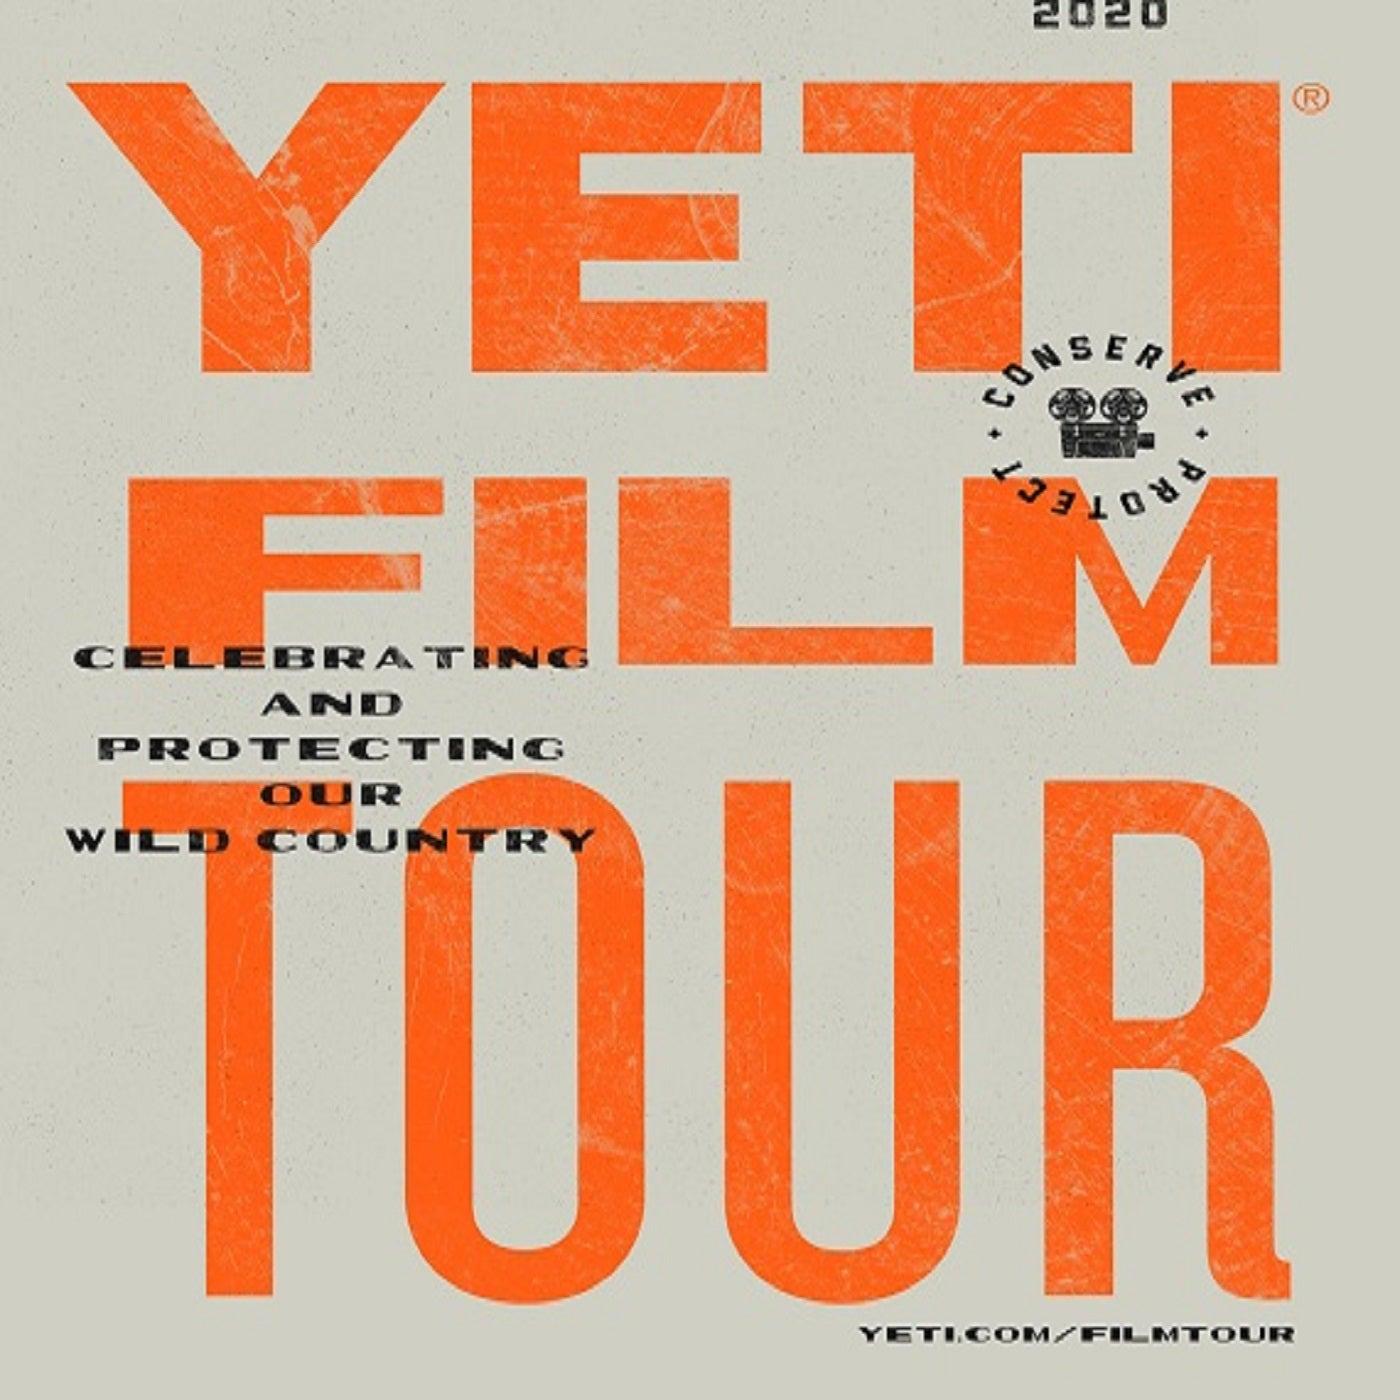 Yeti Film Tour